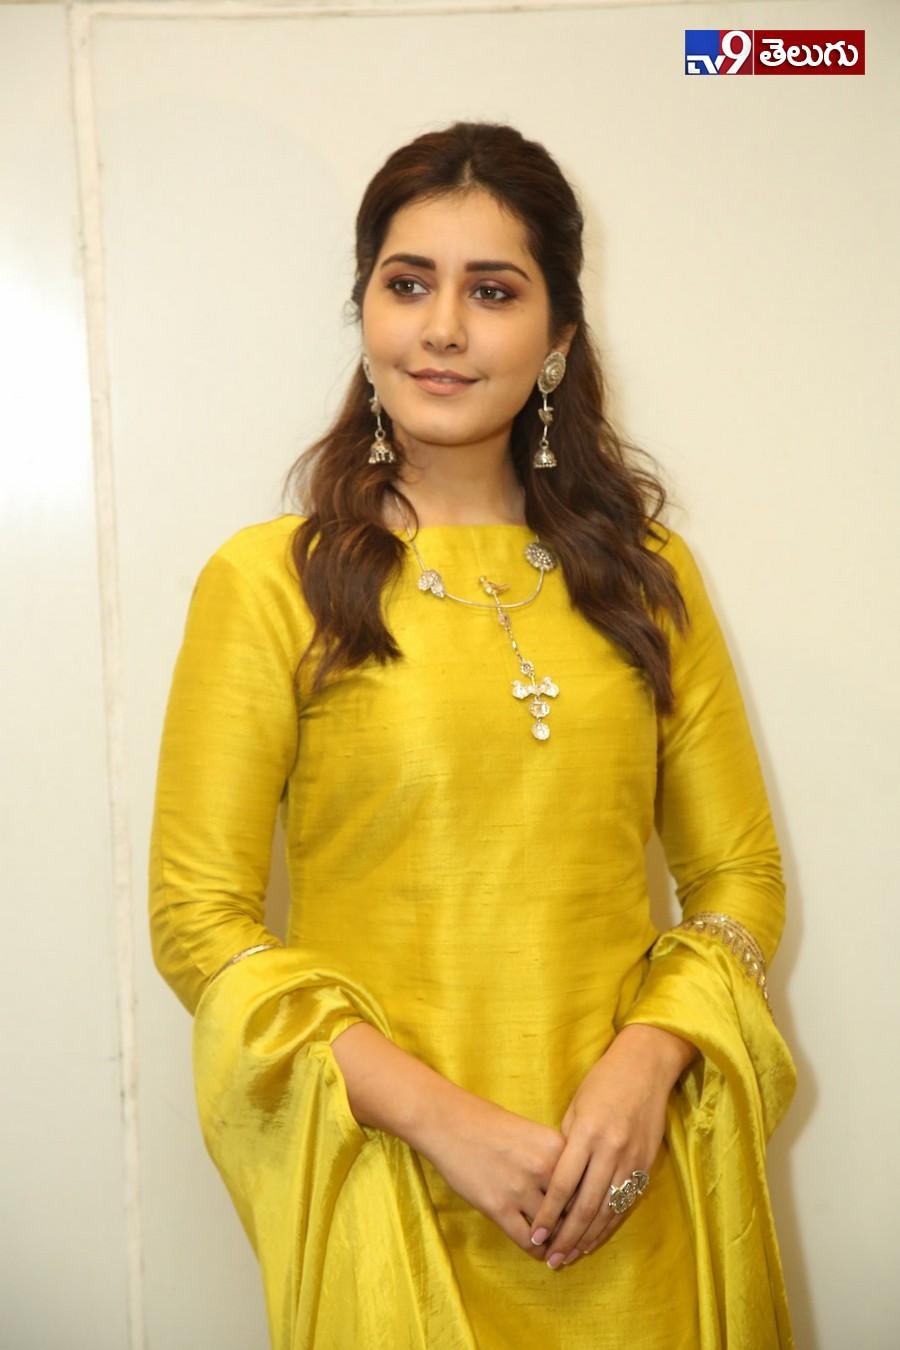 Rashi Khanna Latest photos, మోడల్ గా మారిన రాశి ఖన్నా